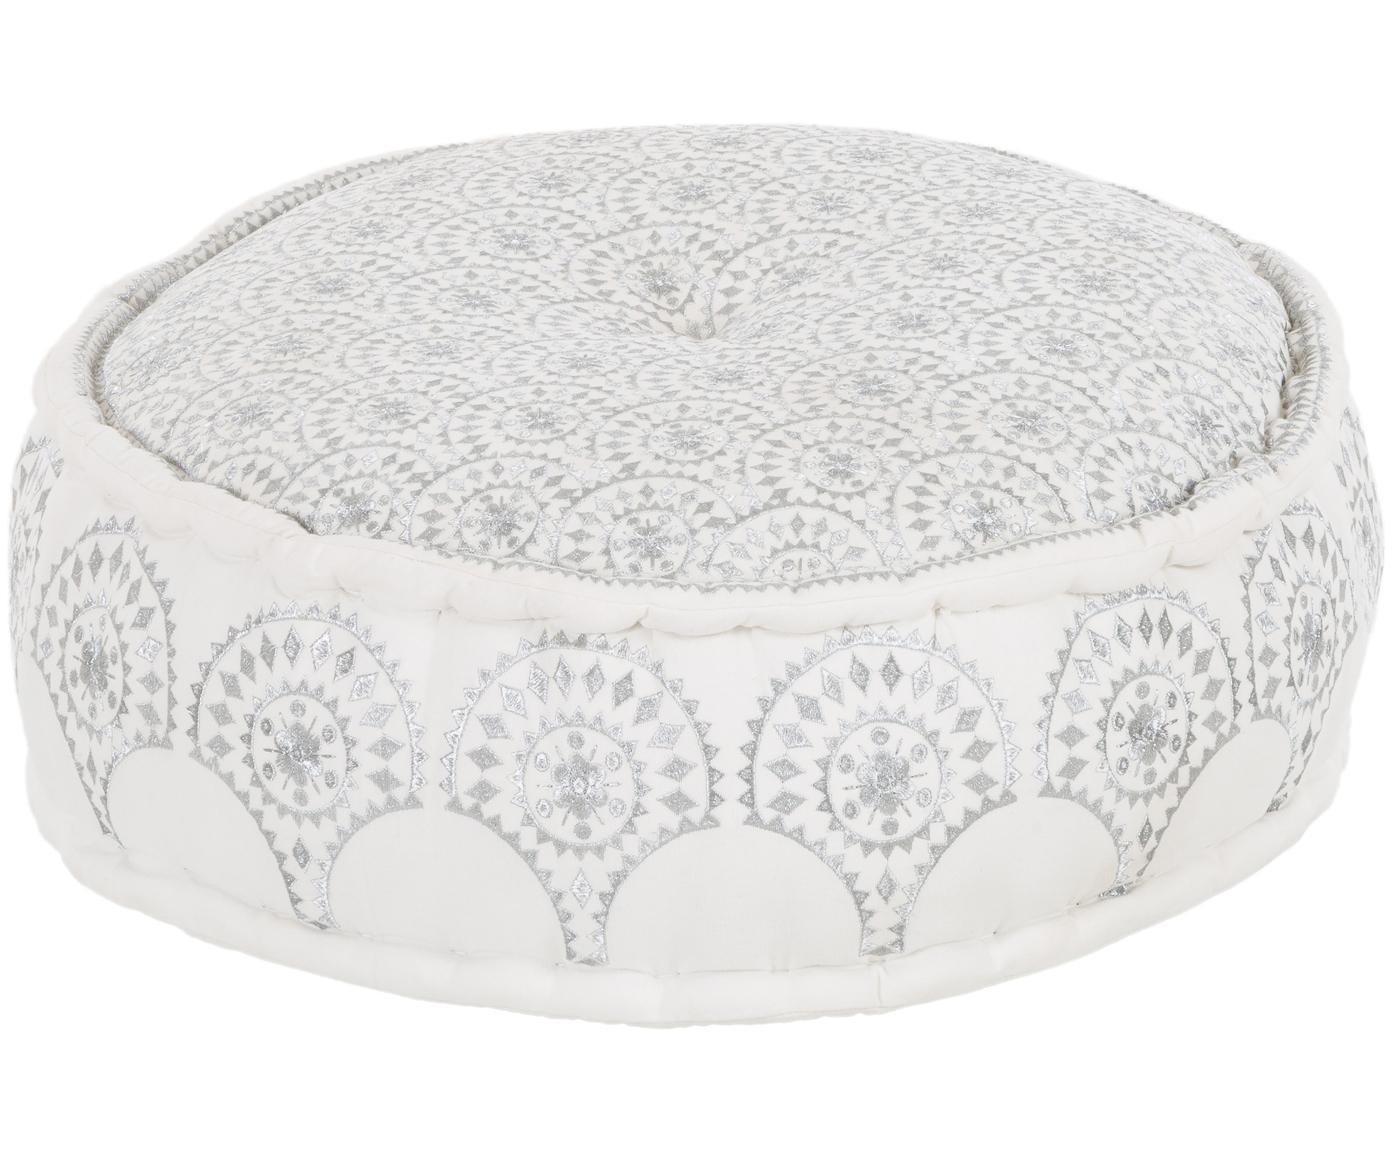 Okrągła haftowana poduszka podłogowa Casablanca, Tapicerka: solidne bawełniane płótno, Biały, odcienie srebrnego, Ø 60 x W 25 cm